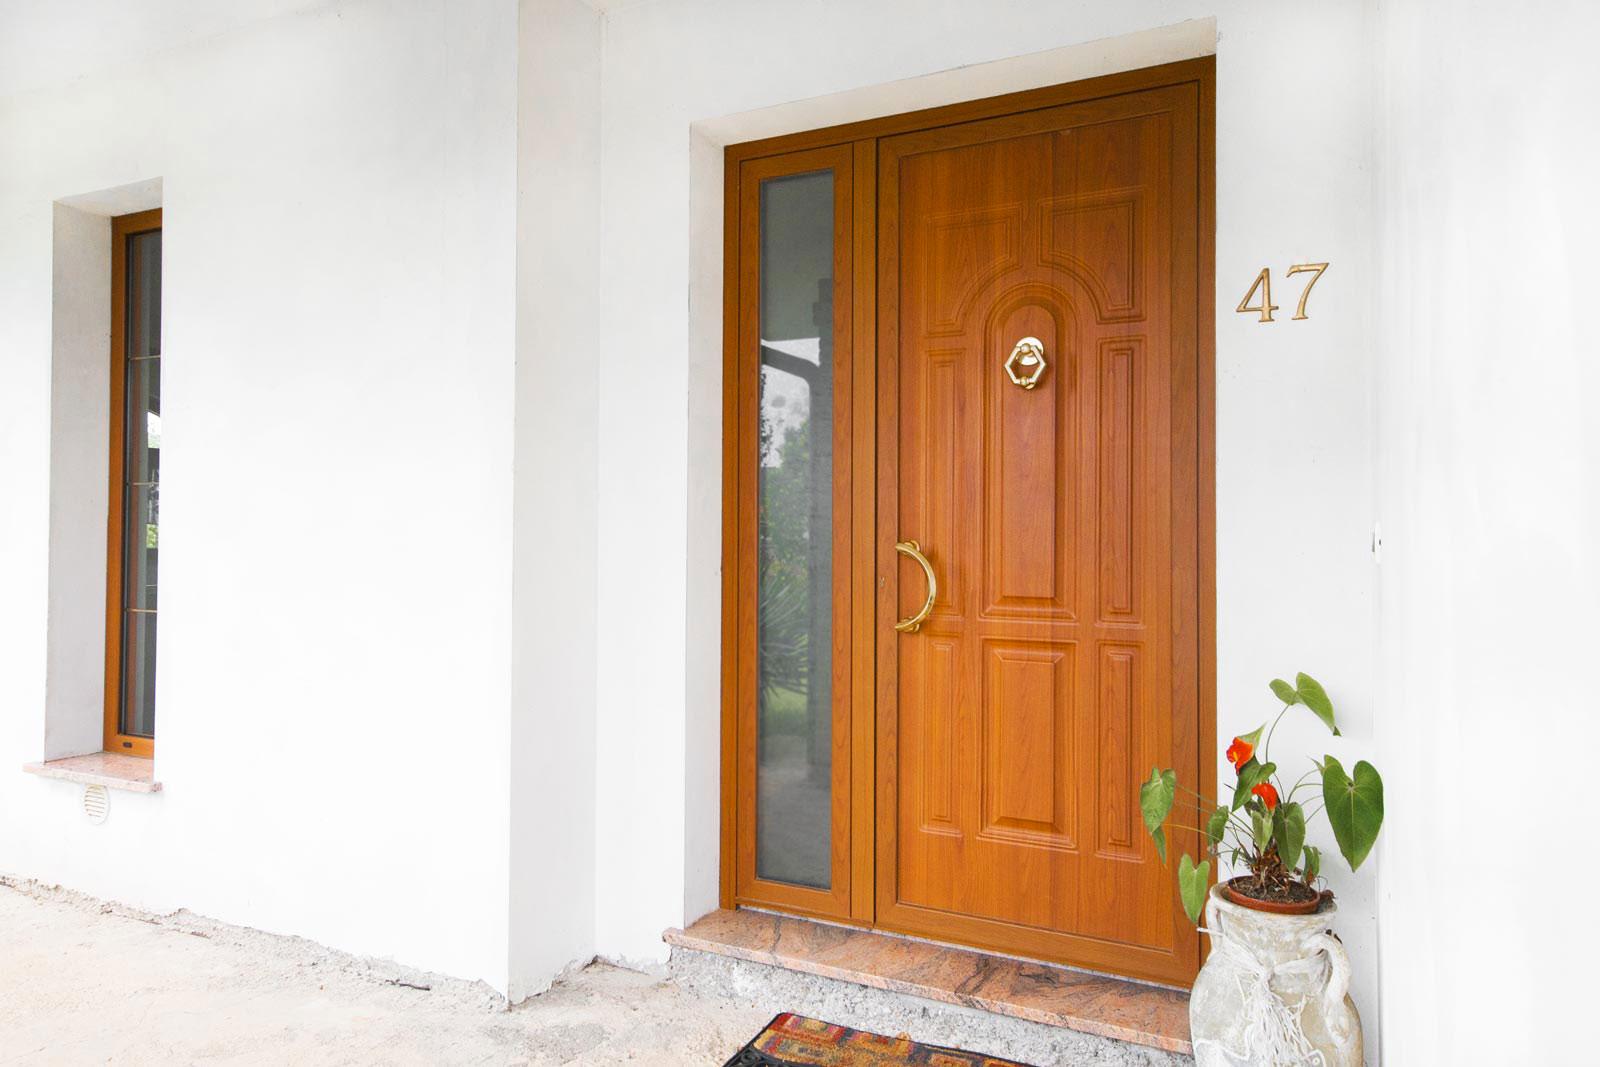 Produzione montaggio vendita porte da esterni portoncini - Porte usate per esterno ...